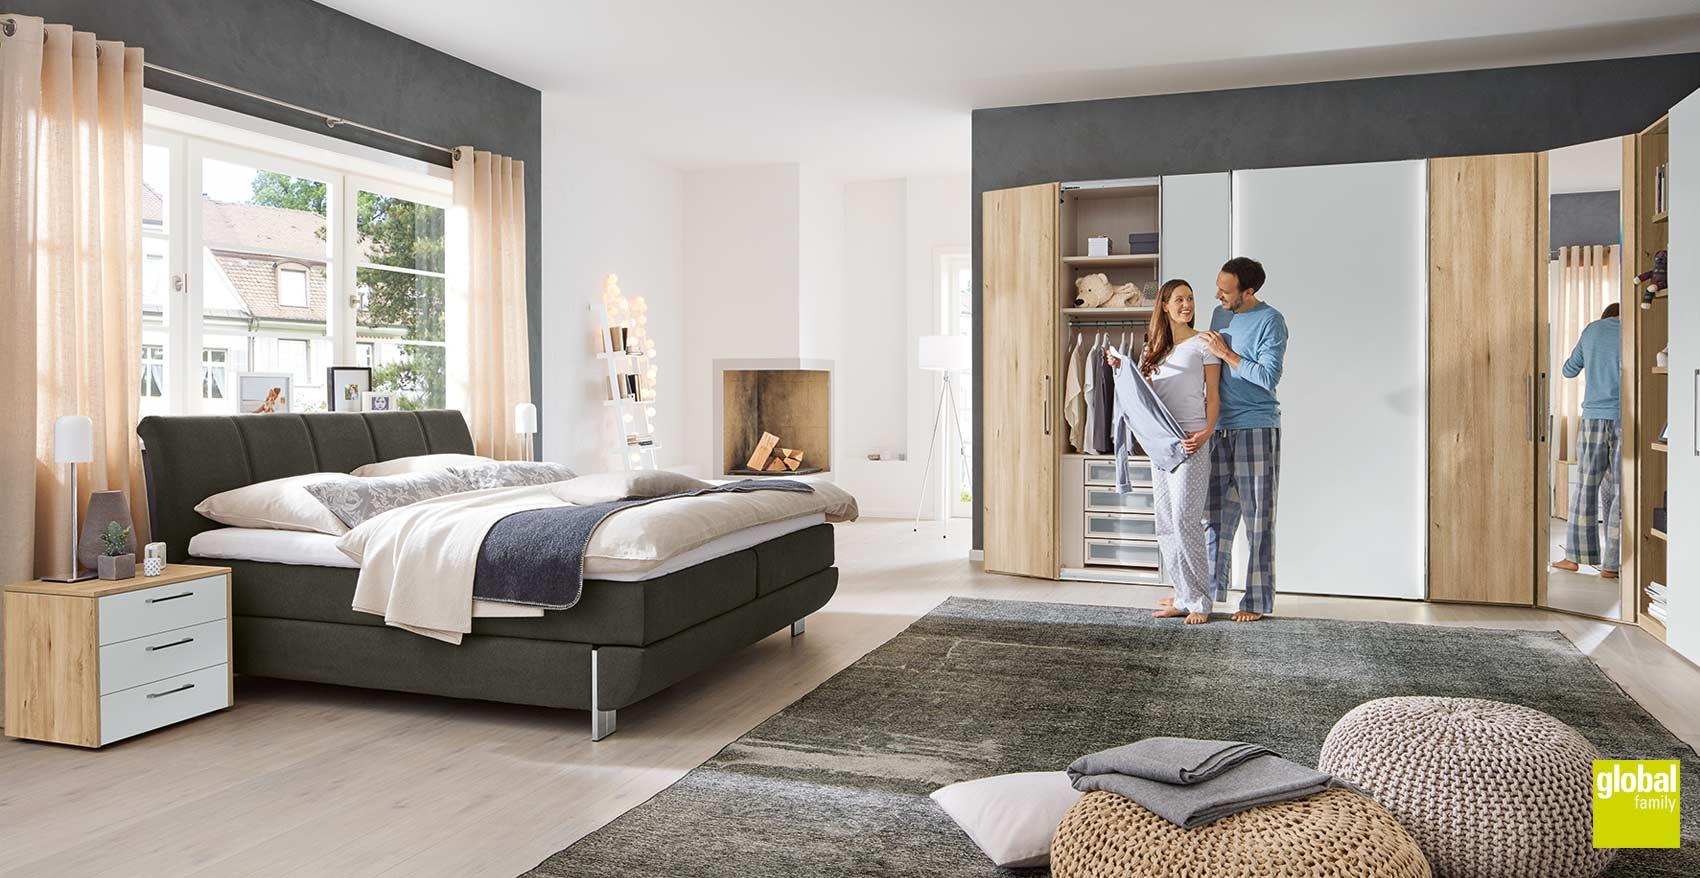 global 2100 von global wohnen in norden ot neustadt nahe emden wilhelmshafen und bremerhaven. Black Bedroom Furniture Sets. Home Design Ideas